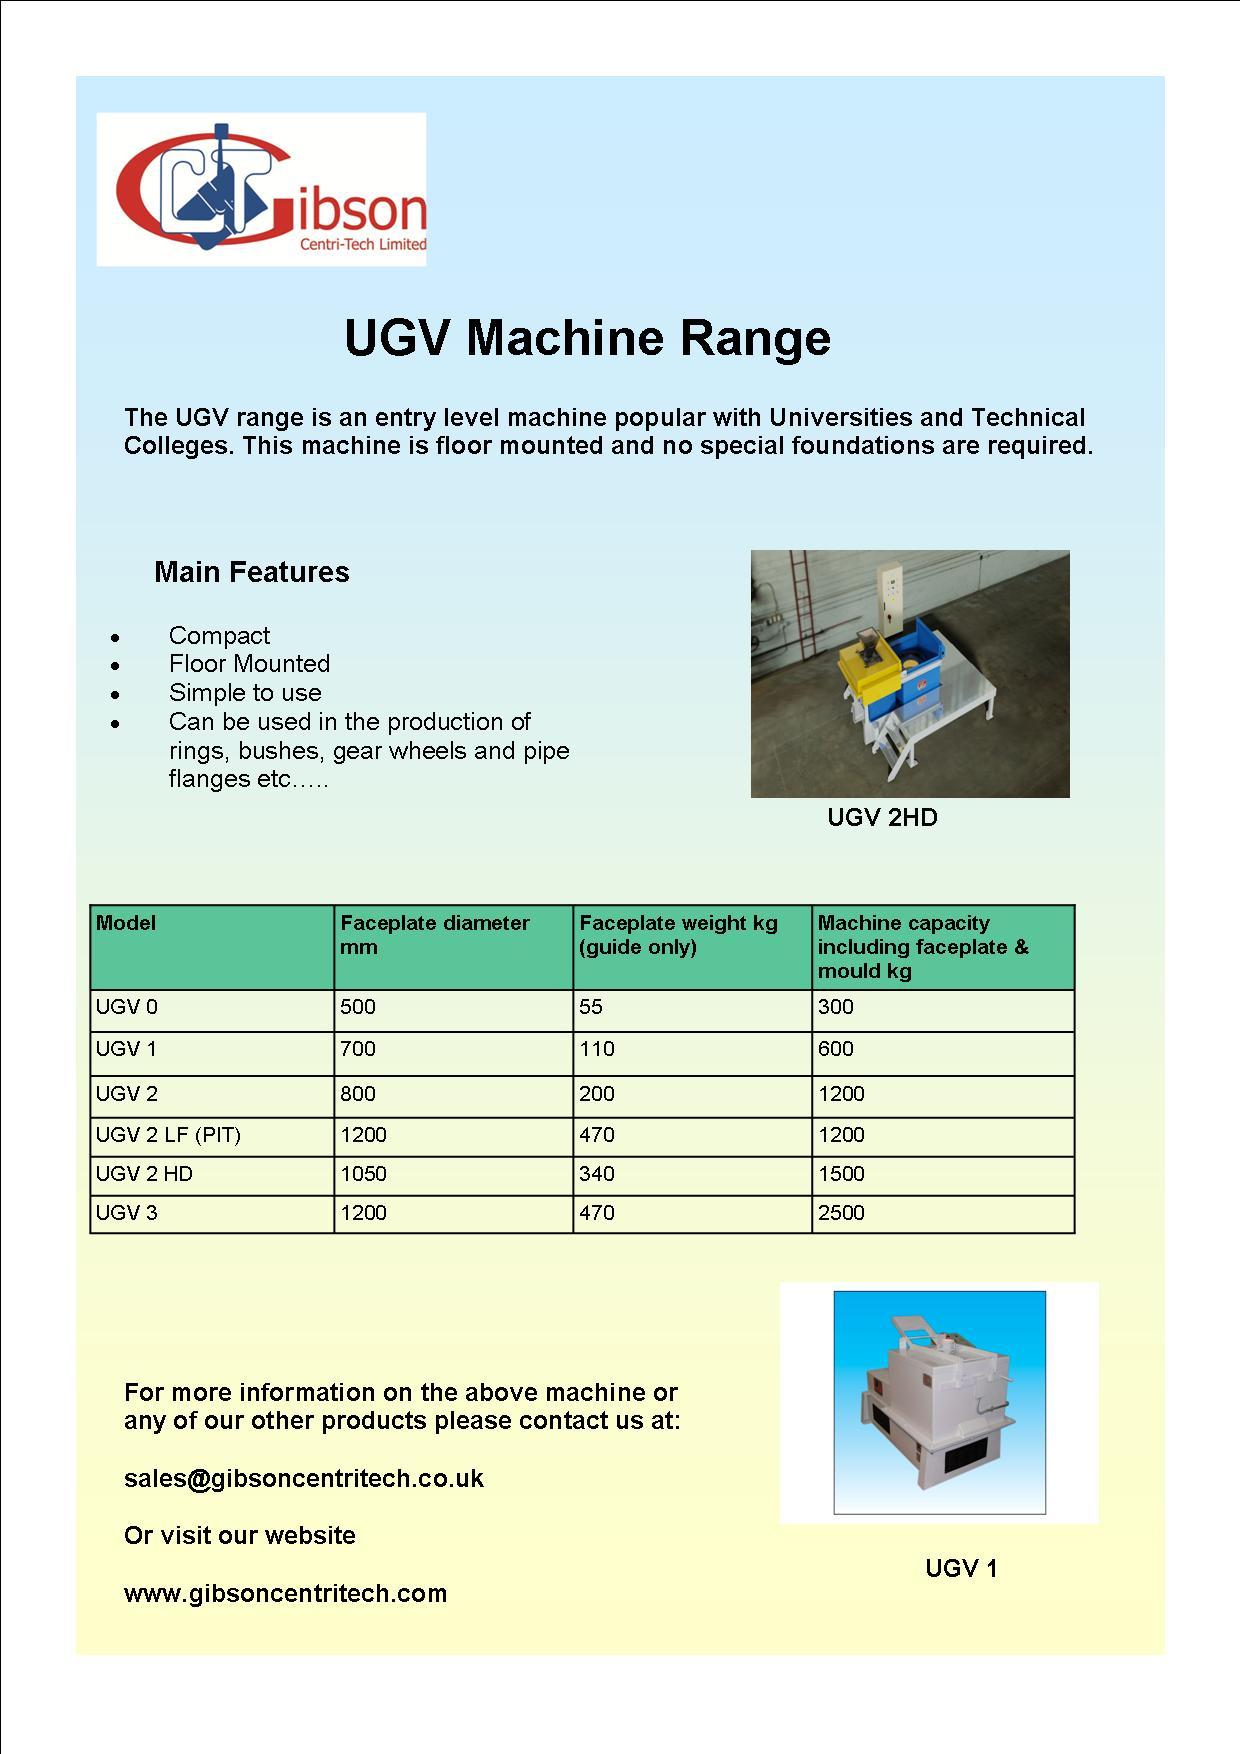 UGV Machines